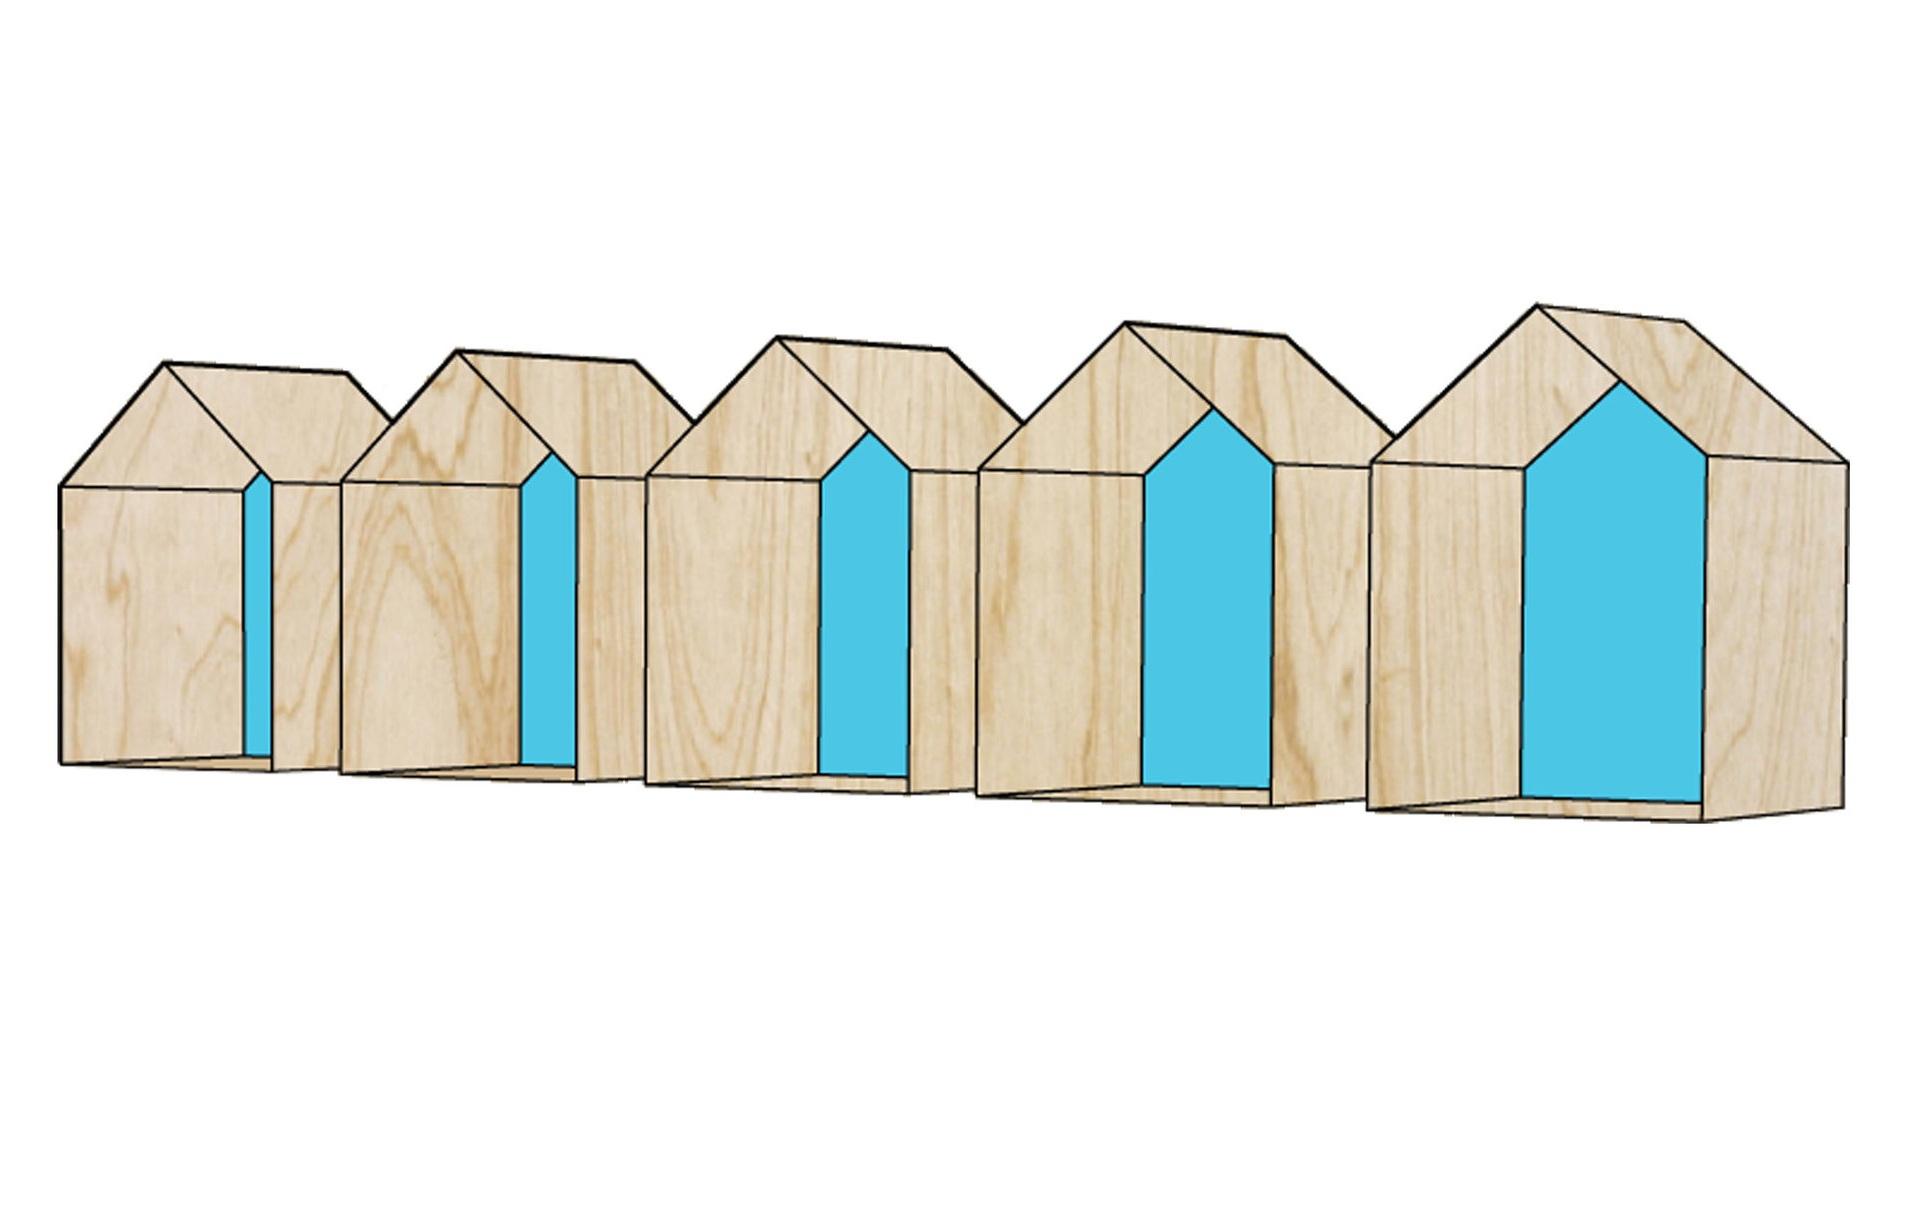 House+Shelves